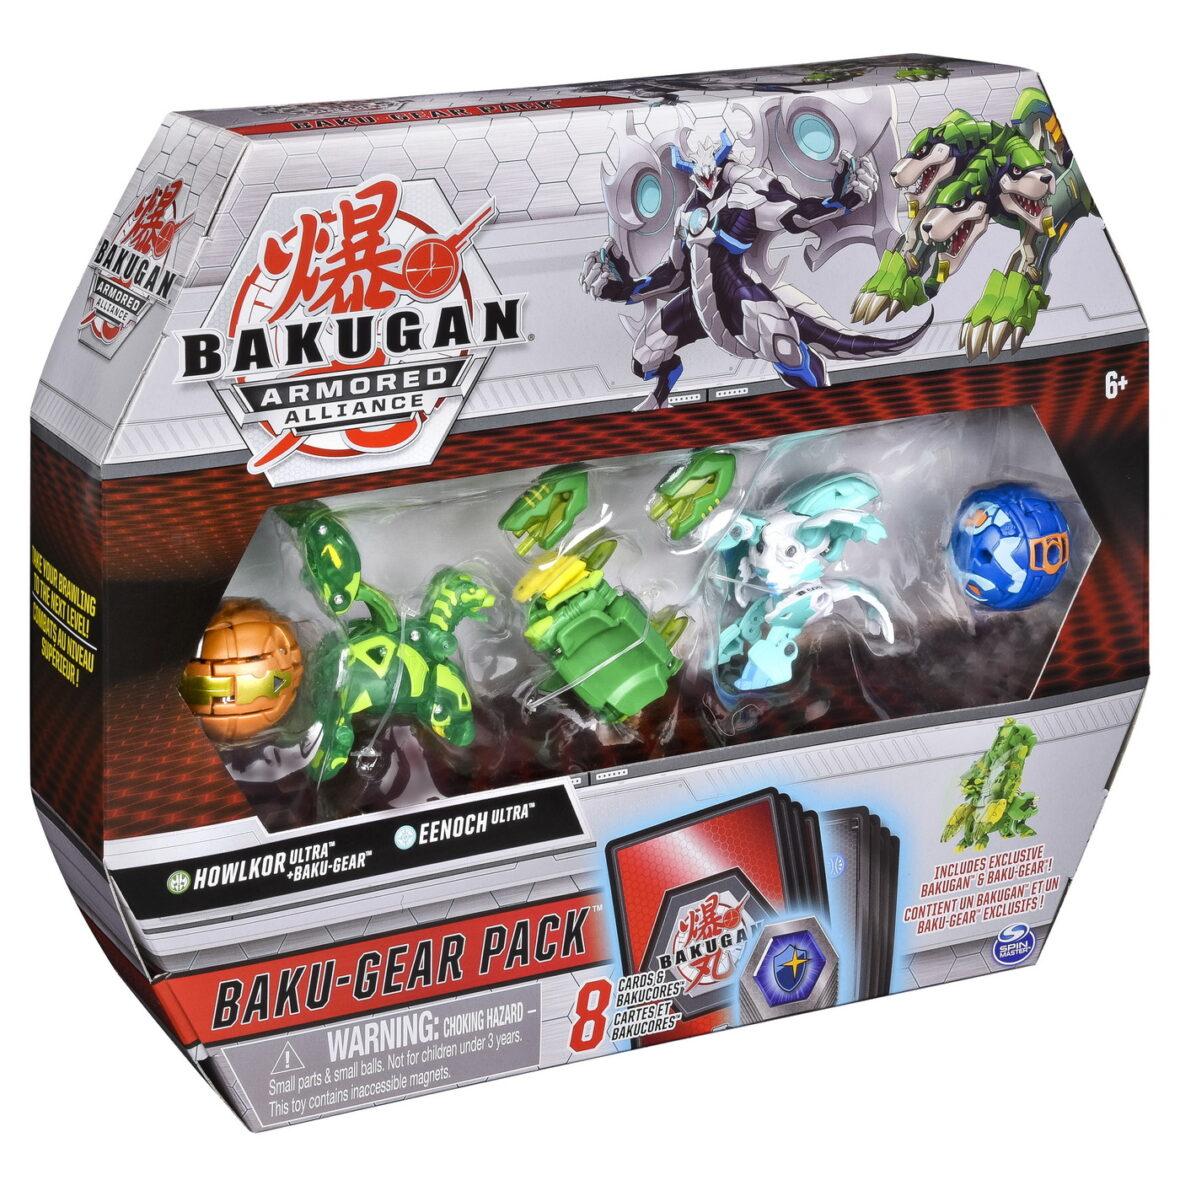 Bakugan S2 Set De Lupta Ultra Howlkor Si Eenoch Cu Baku-gear